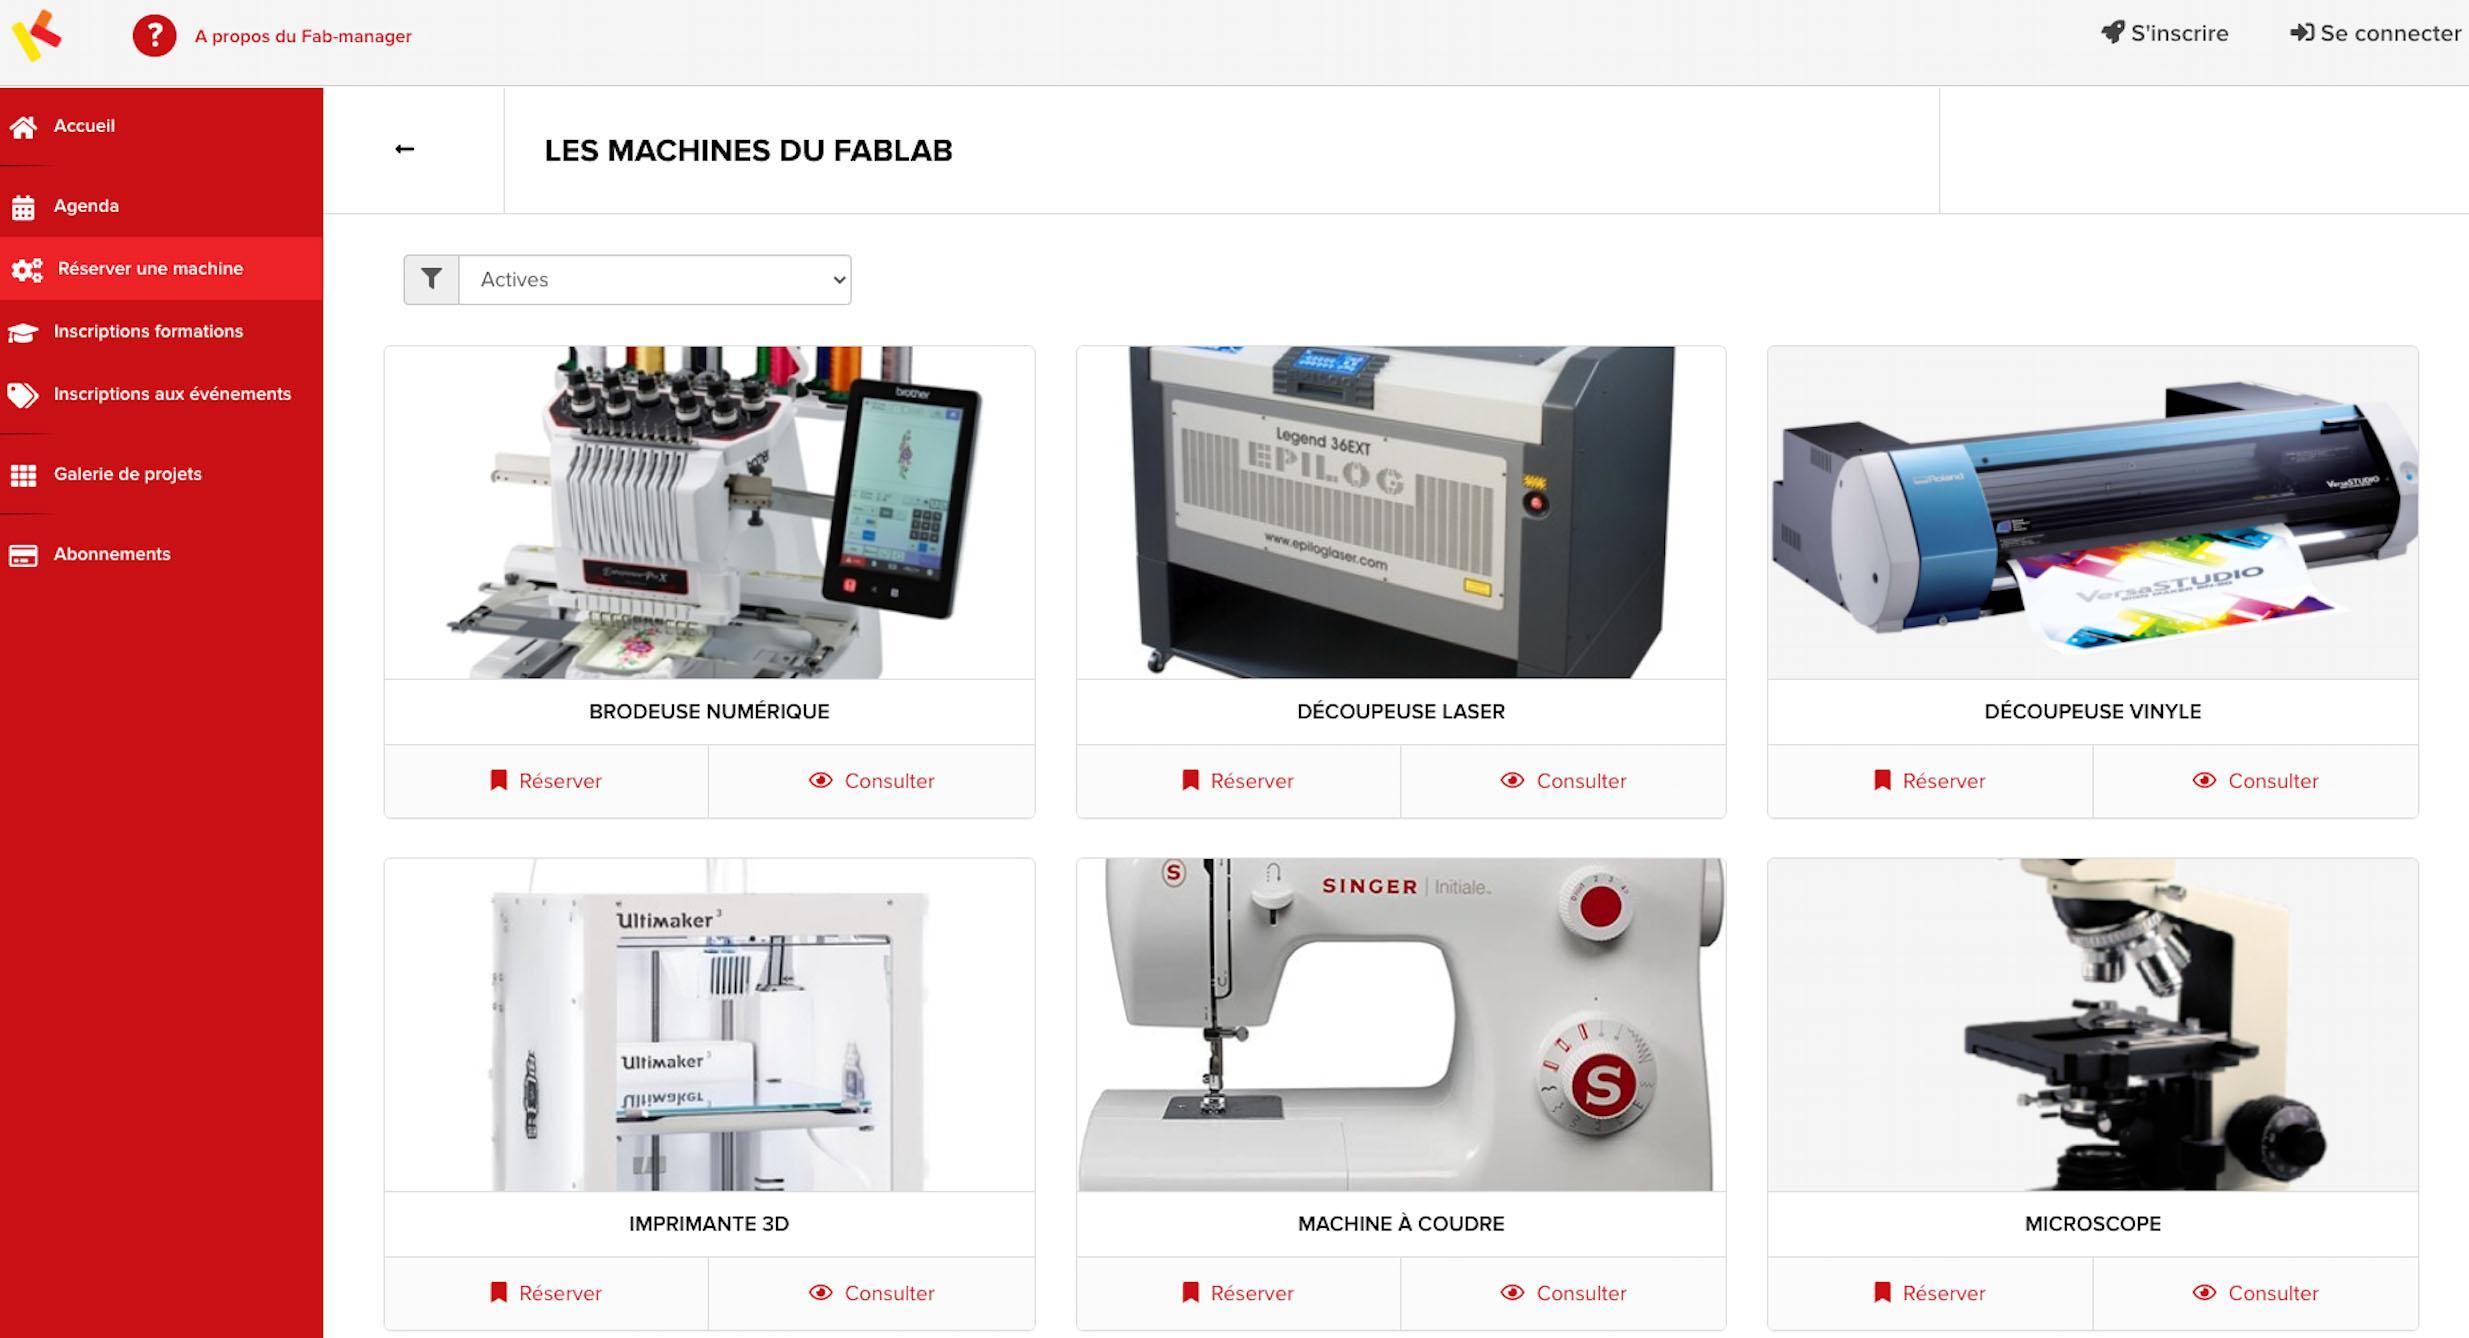 Affichez vos imprimantes 3D, découpeuses, fraiseuses, petit matériel... permettez à vos usagers de les réserver sur les créneaux disponibles.